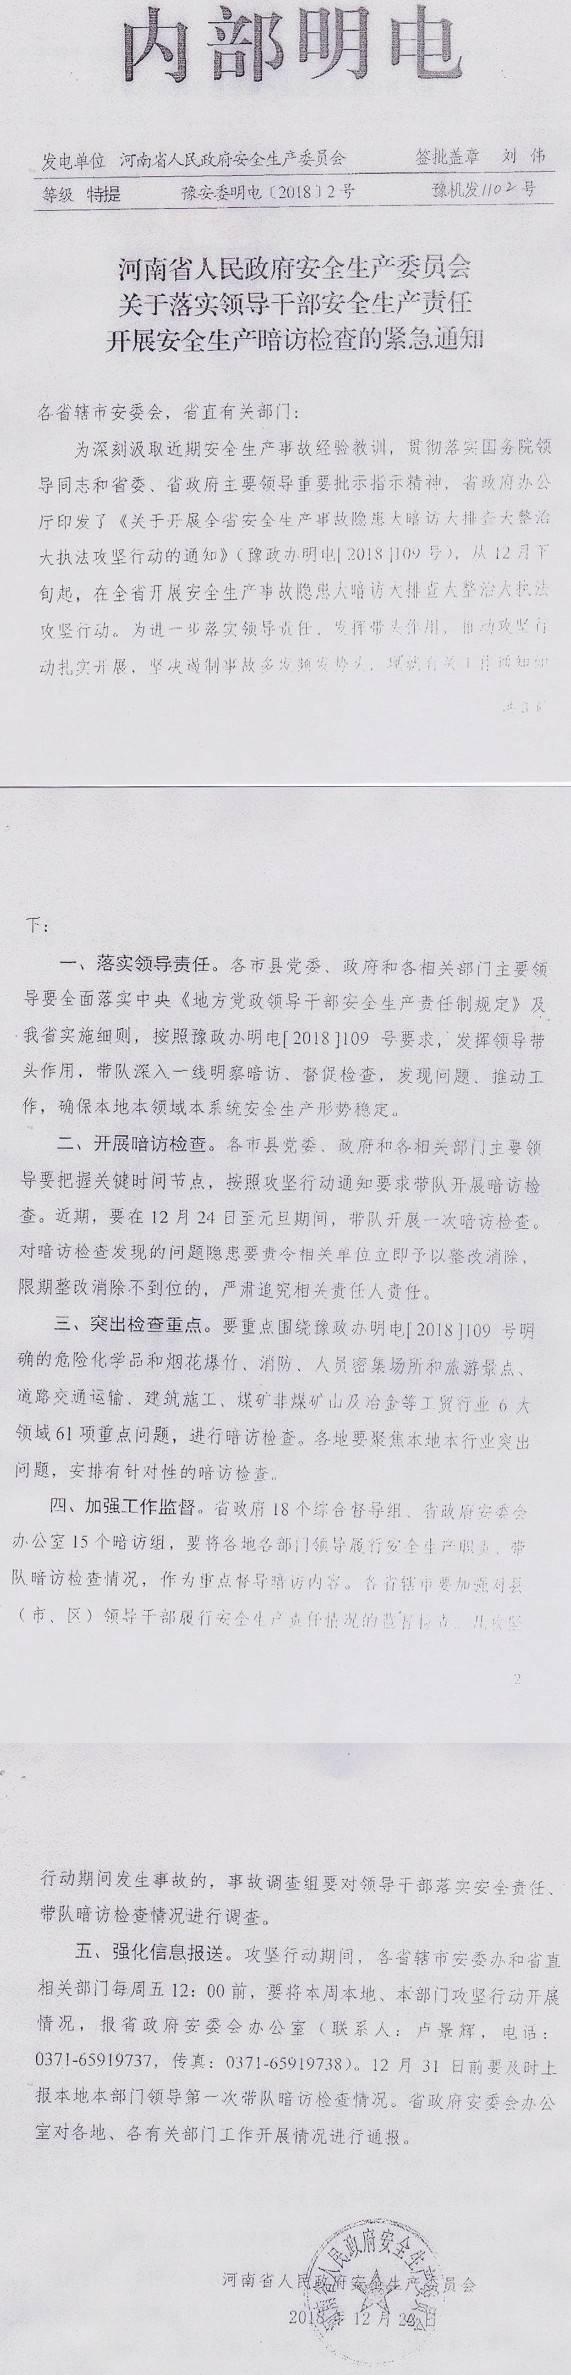 豫安委明电〔2018〕2号《河南省人民政府安全生产委员会关于落实领导干部安全生产责任开展安全生产暗访检查的紧急通知》